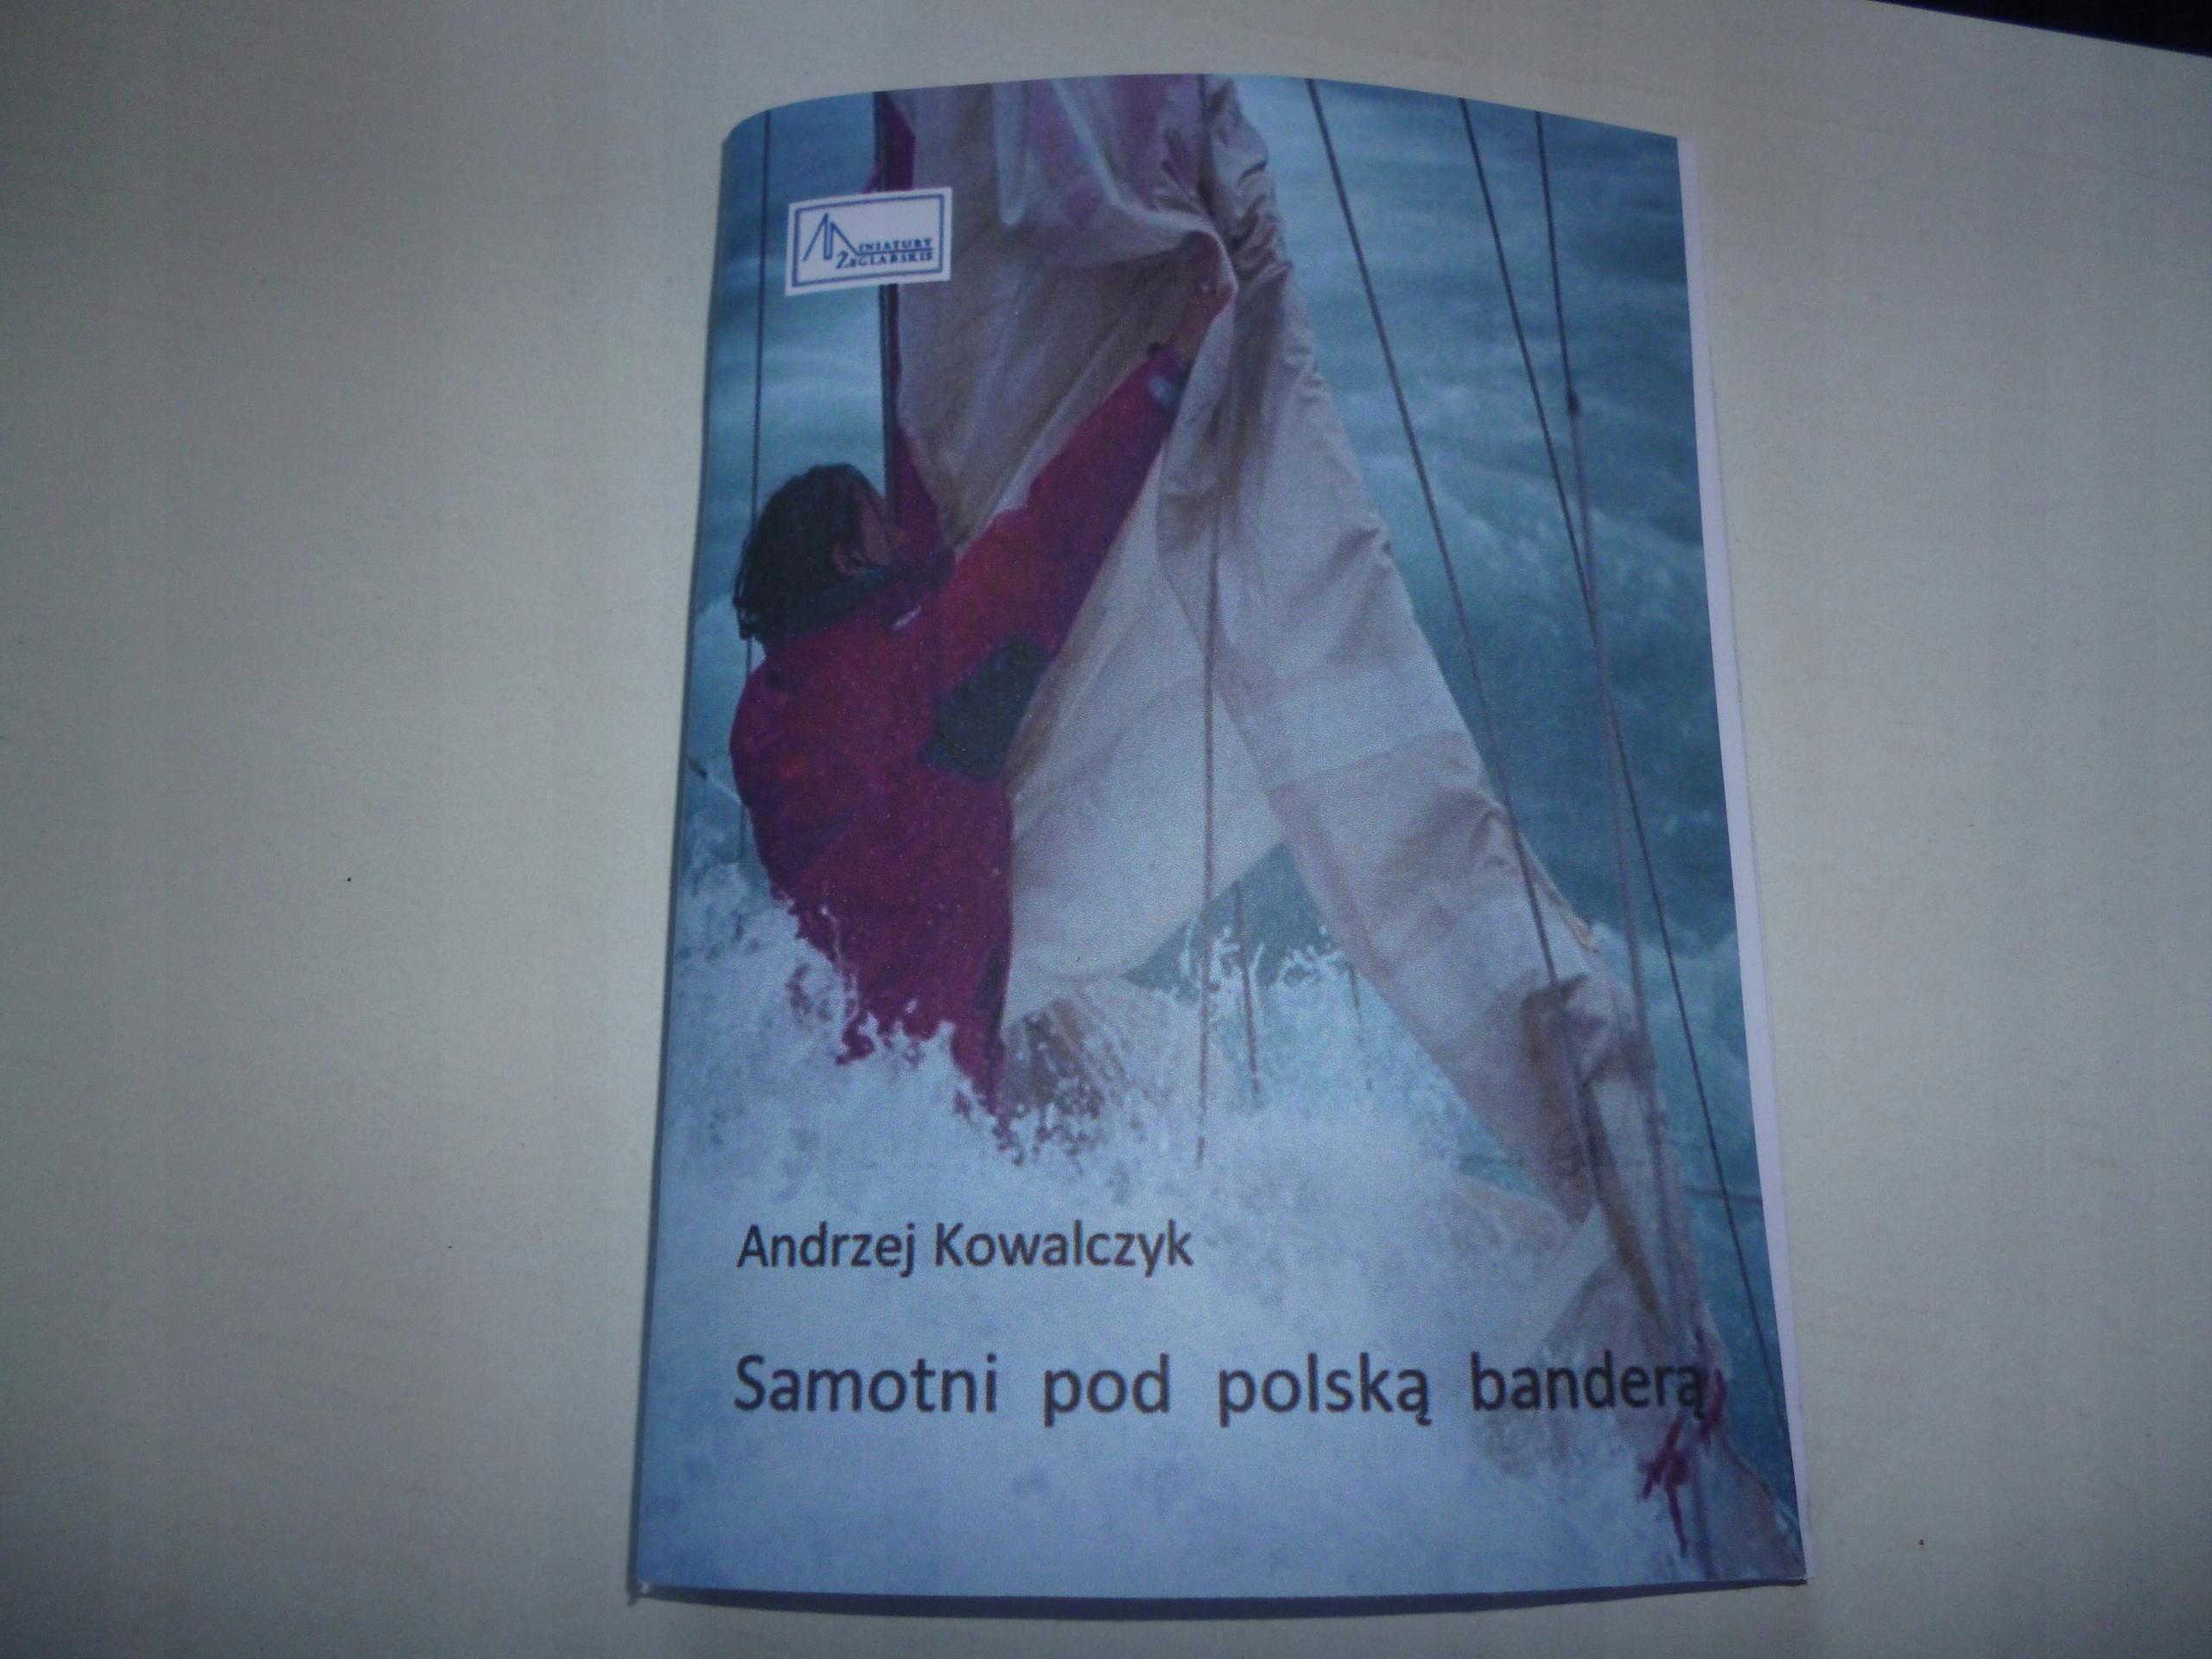 Samotni pod polską banderą - Andrzej Kowalczyk